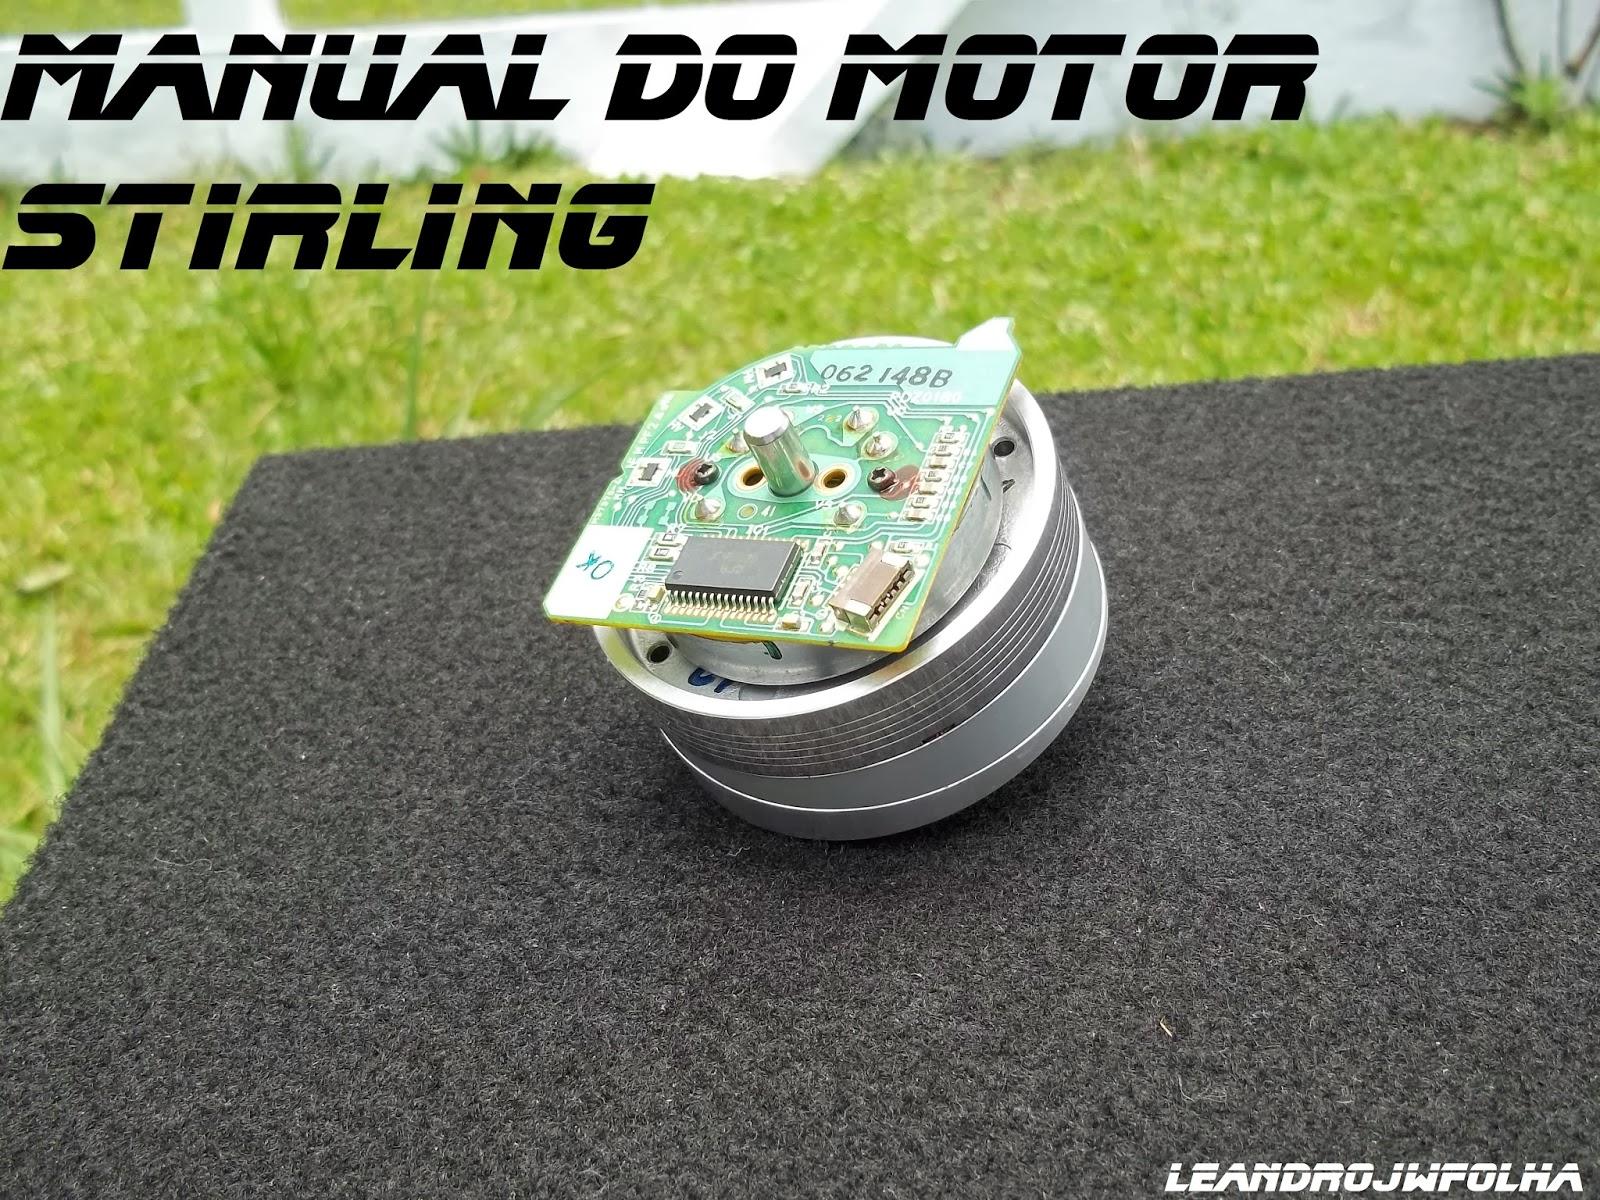 Manual do motor Stirling, cabeçote de aparelho de vídeo cassete